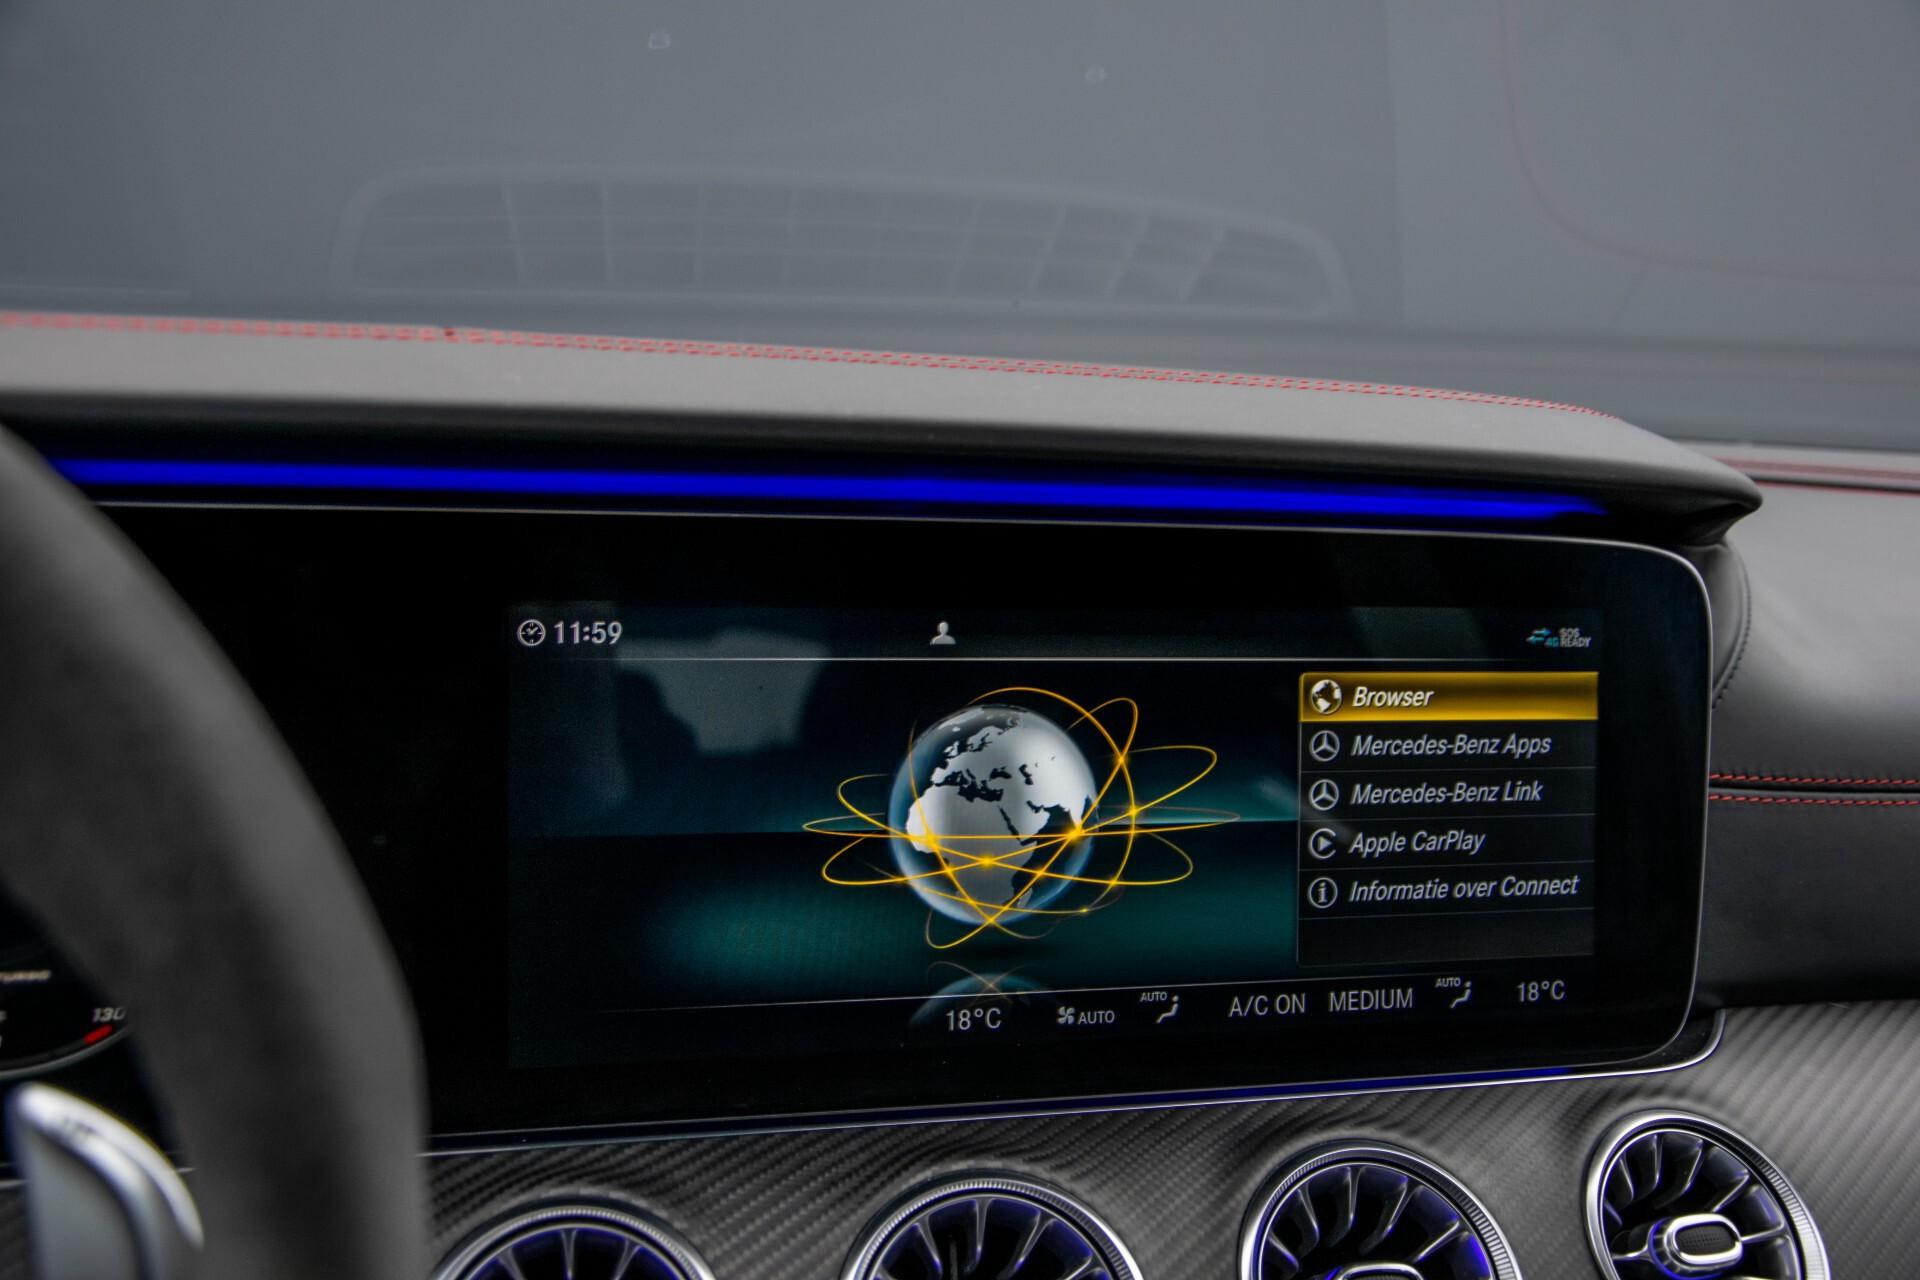 Mercedes-Benz AMG GT 4-Door Coupe 63 S 4M+ Keramisch/Full Carbon/Aerodynamica/Burmester 3D/TV/Performance stoelen/Standkachel Aut9 Foto 27